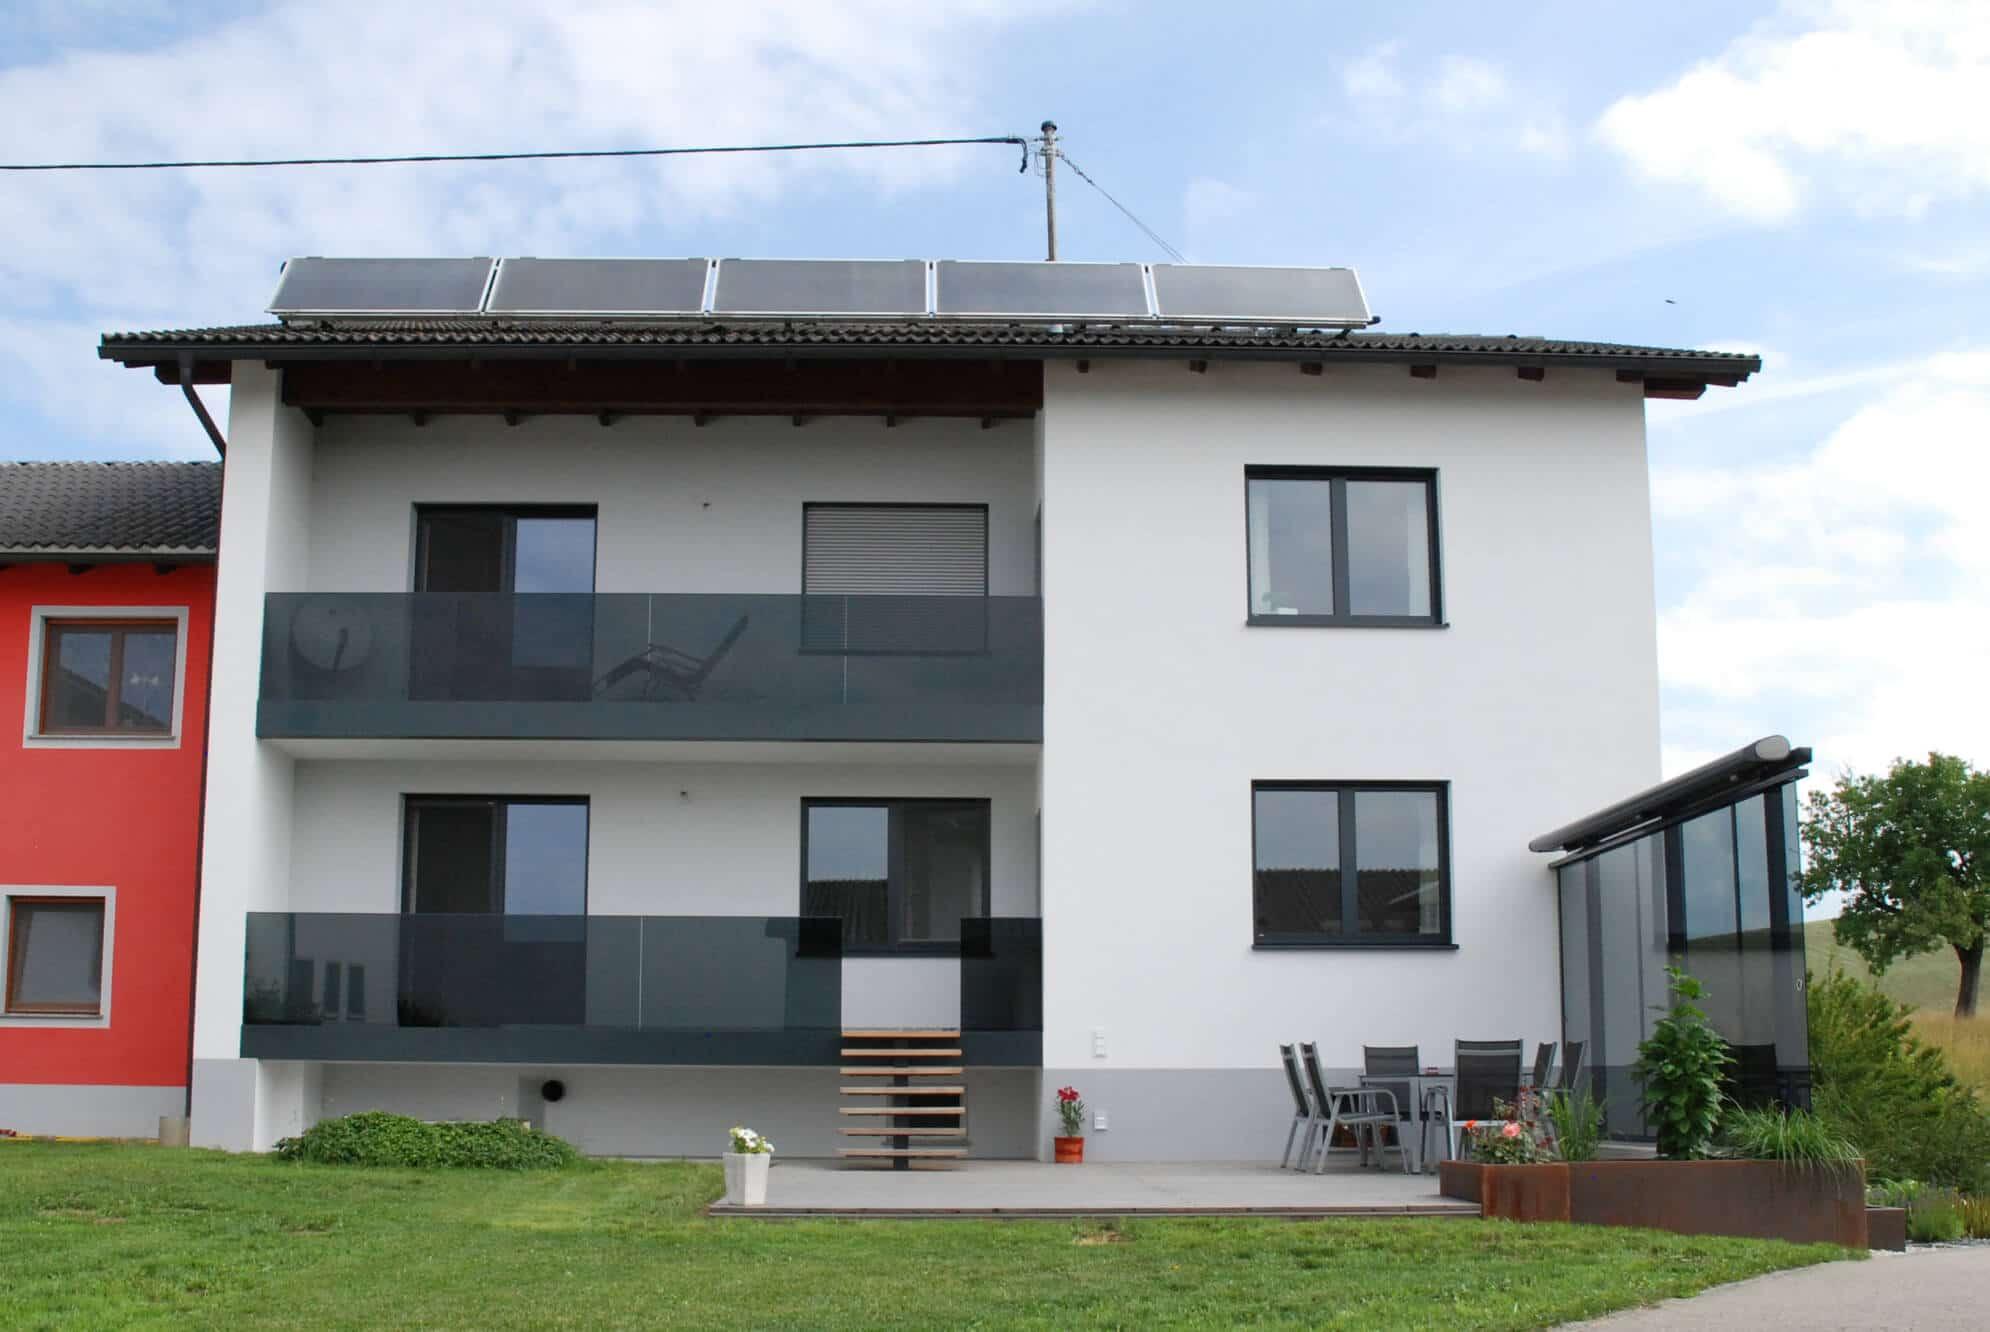 Windschutz Terrasse Sonderanfertigung